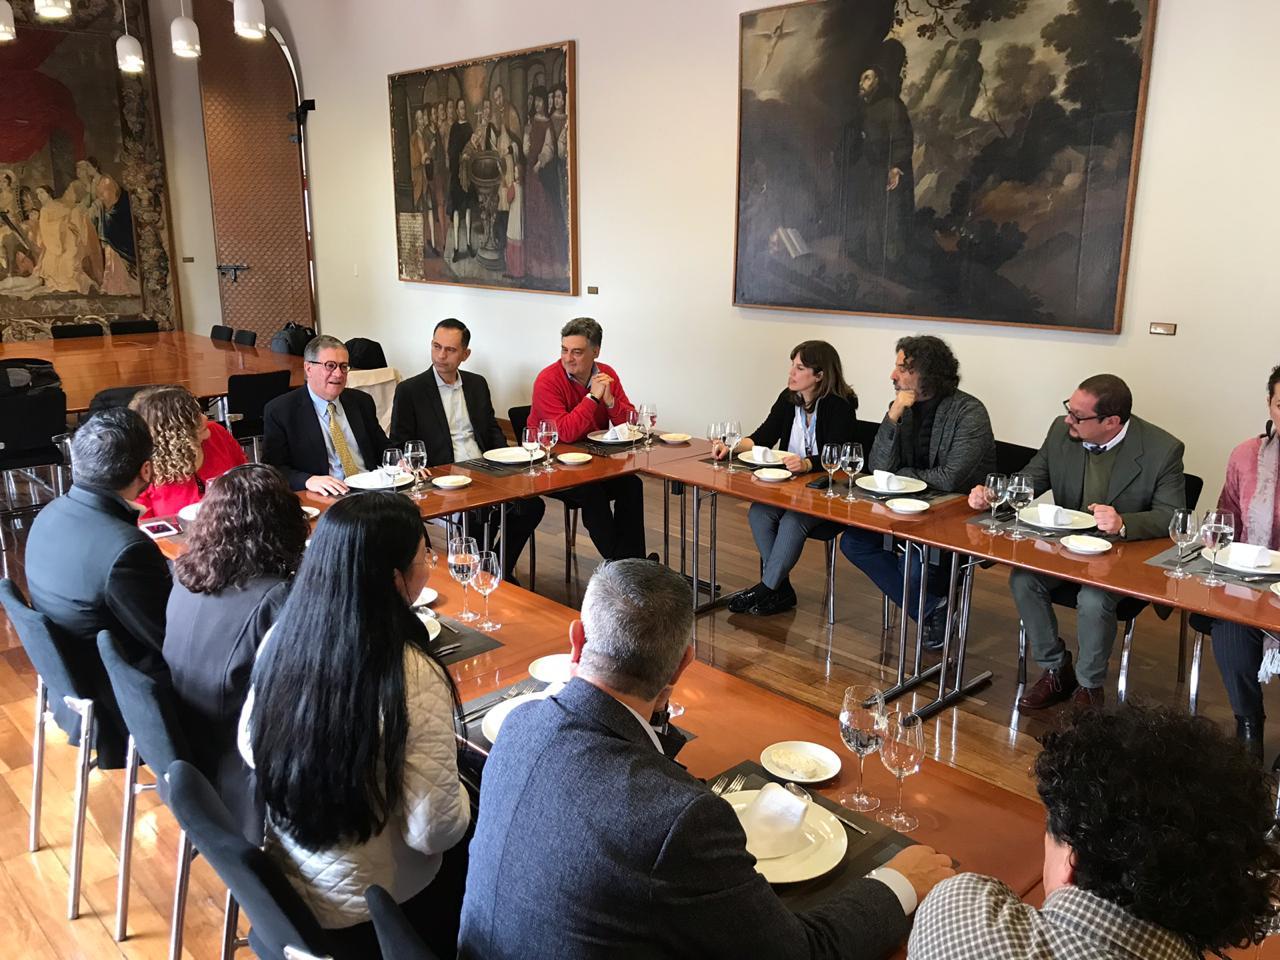 Visita del Tecnológico de Monterrey a la Universidad de los Andes